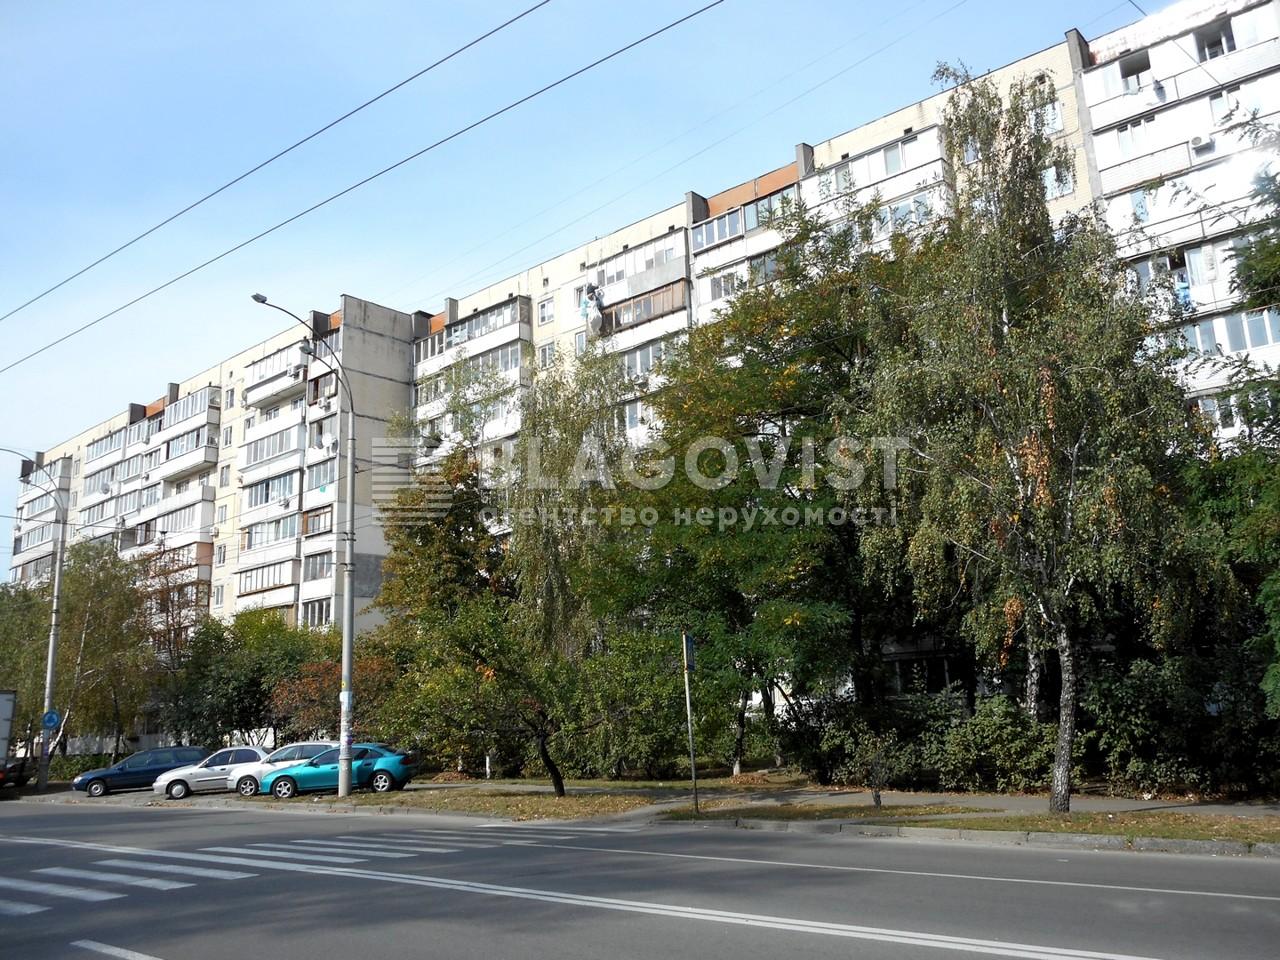 Квартира F-38292, Смолича Юрия, 6, Киев - Фото 1